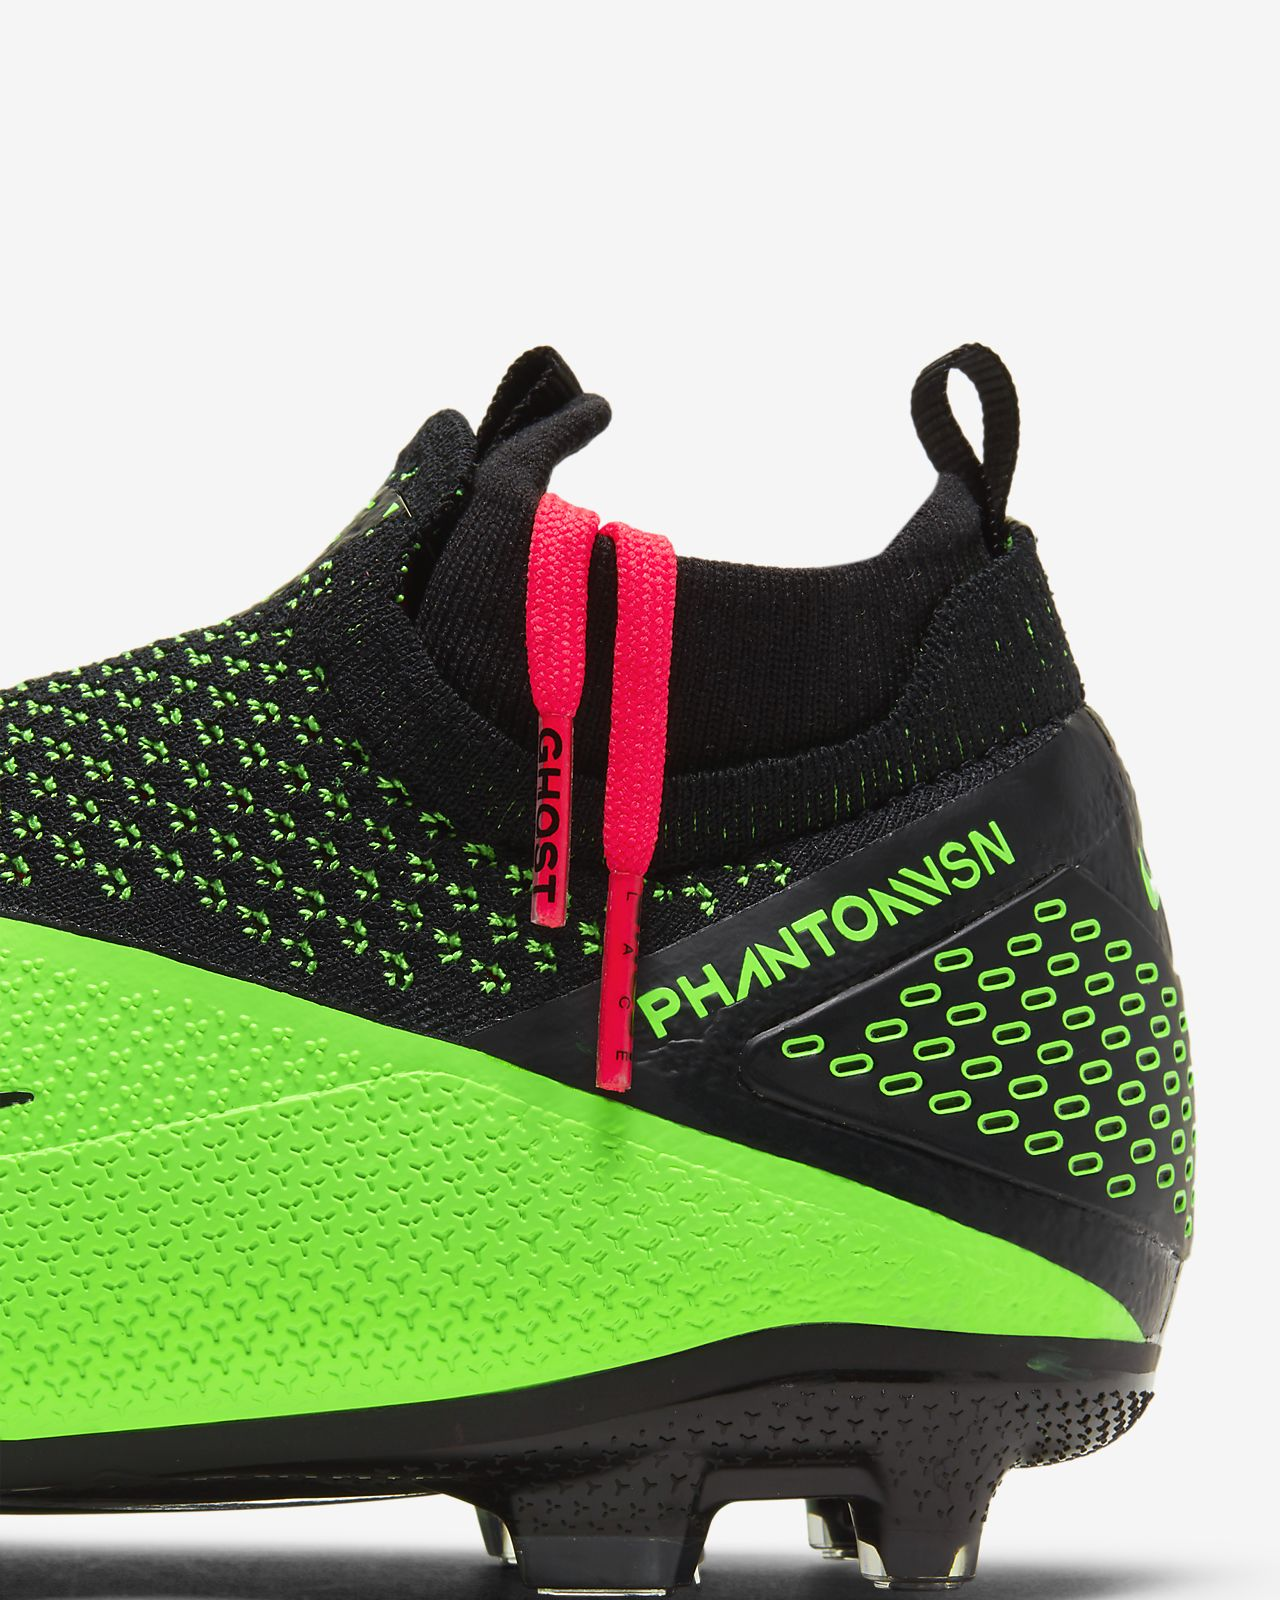 Jr. Phantom Vision 2 Elite Dynamic Fit MG fotballsko til